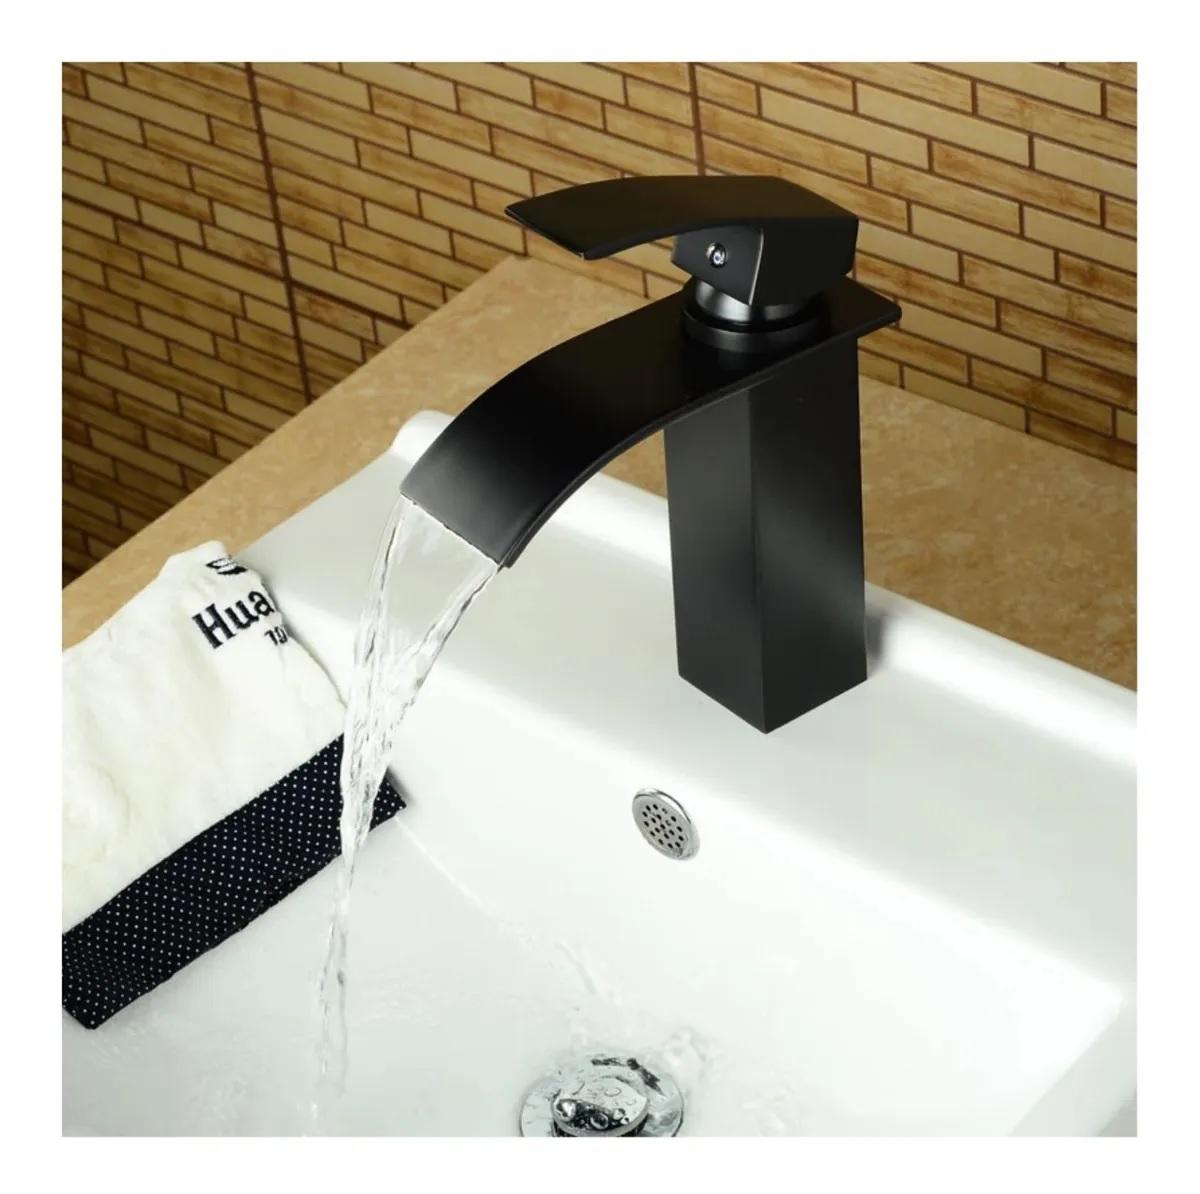 Torneira Cascata Monocomando Banheiro Baixa Kelter KT31 Preta